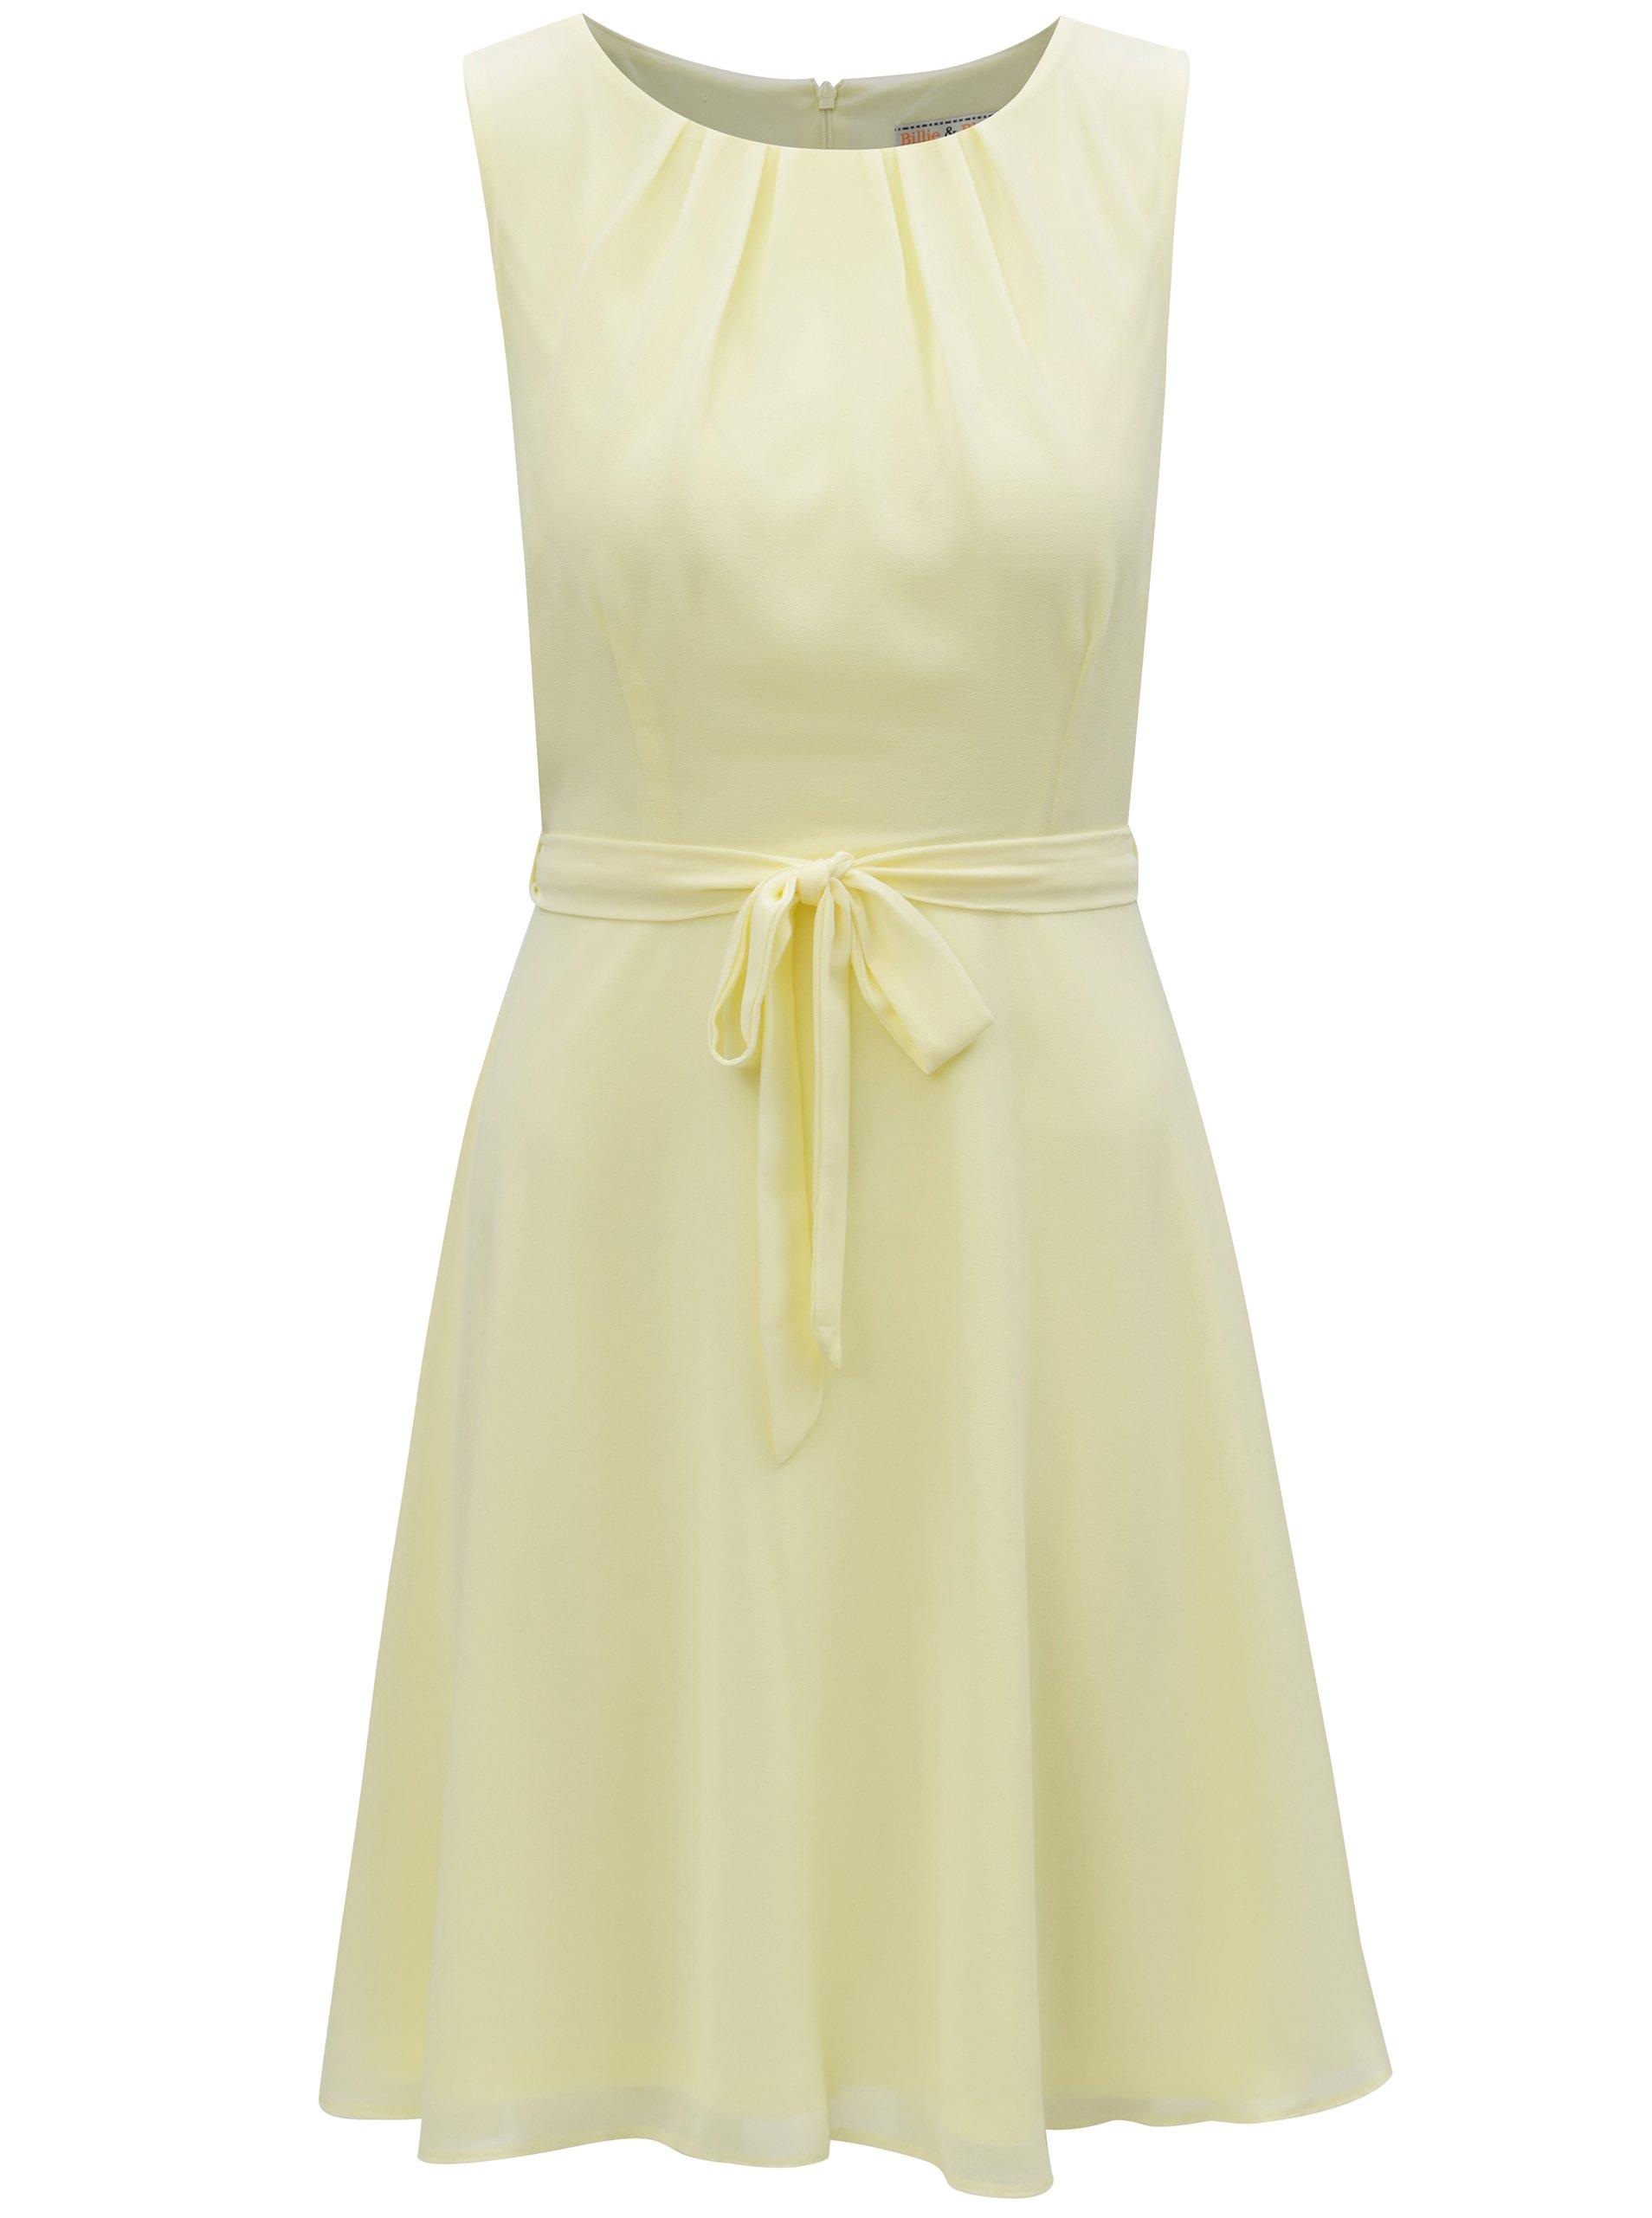 Světle žluté šaty Billie & Blossom Petite